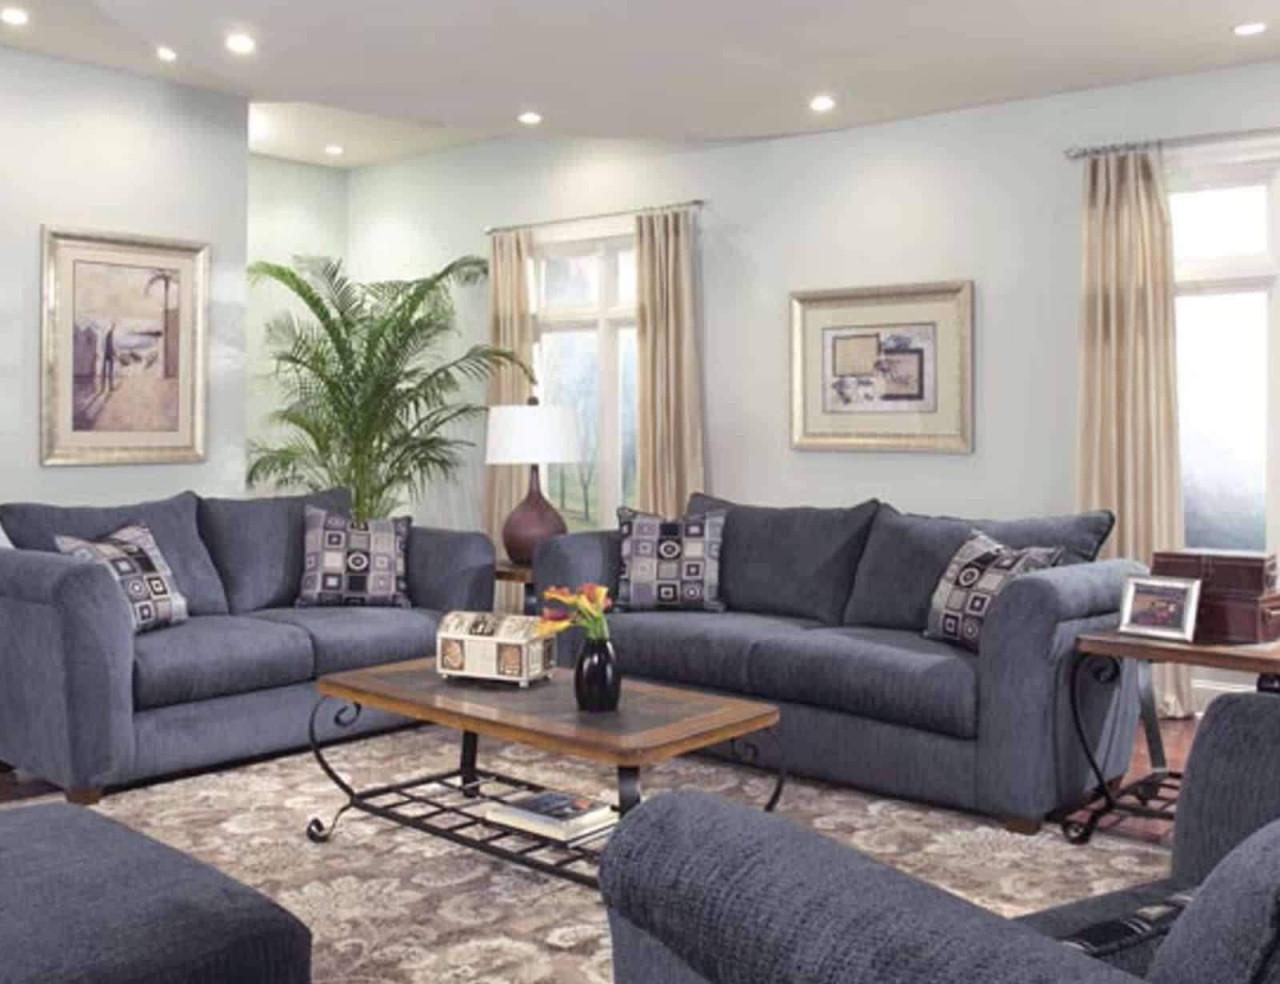 Wohnzimmer Möbel Einzigartig Wohnzimmer Möbel Von Roller von Gardinen Wohnzimmer Roller Bild